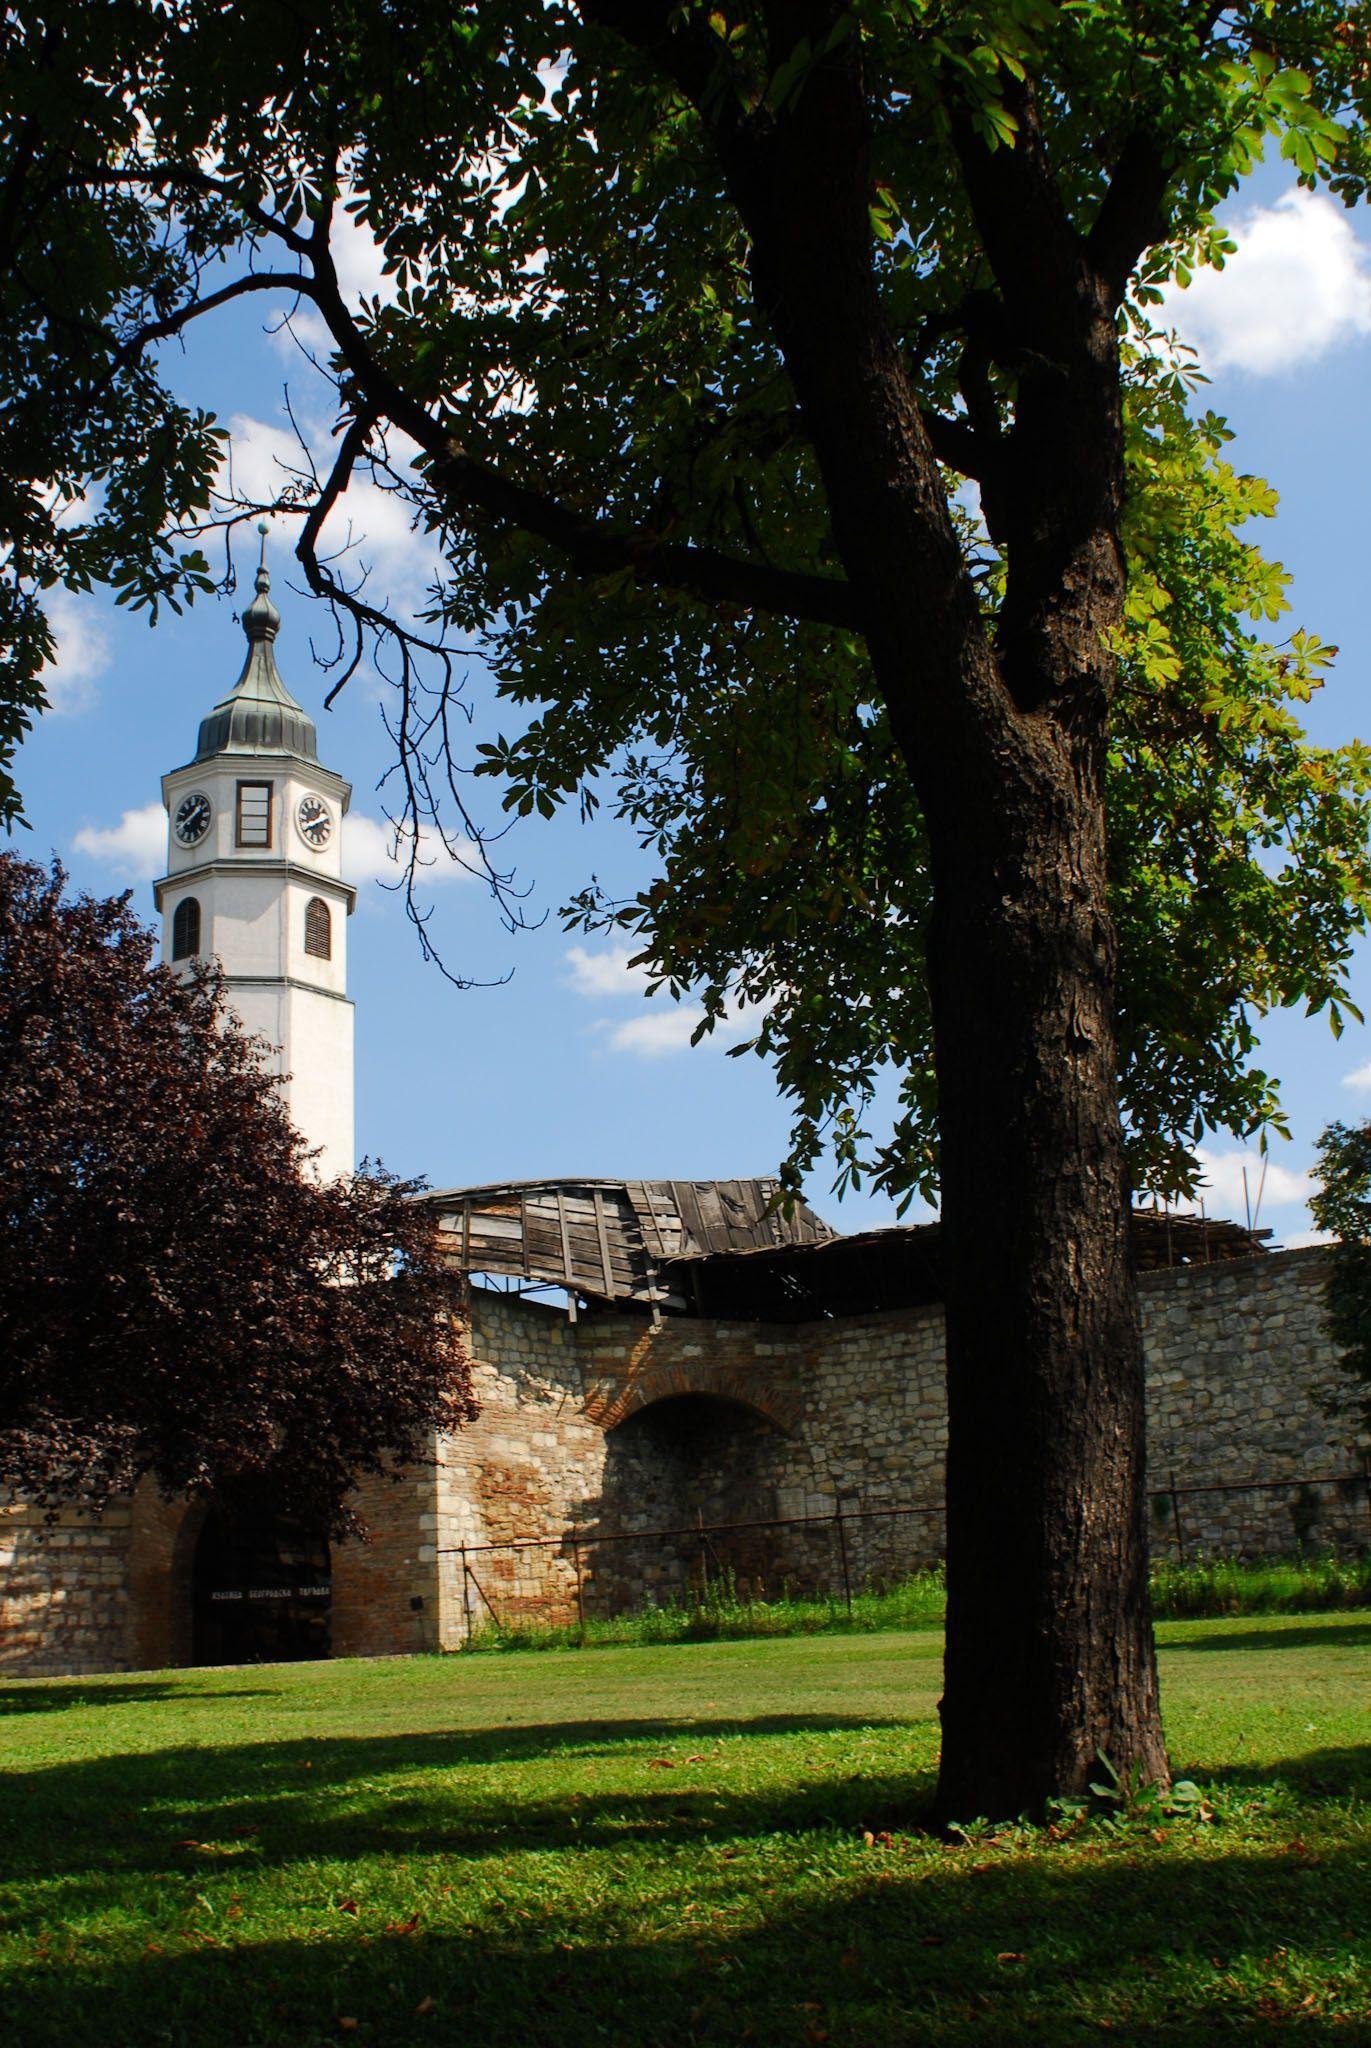 Kalemegdan, Belgrade by Nemanja Bodroza on 500px